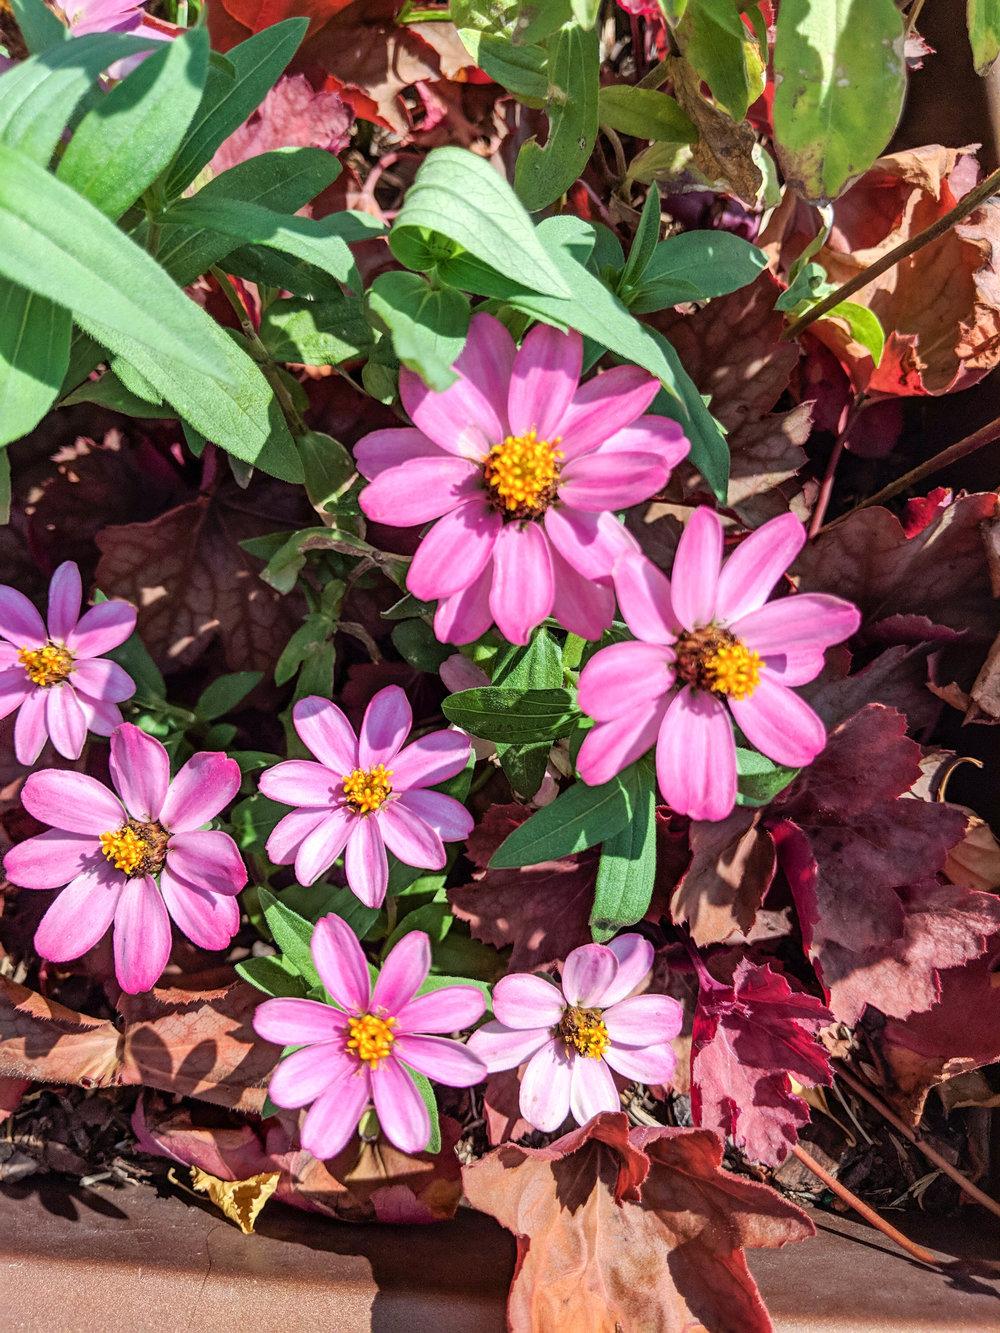 bri rinehart; boston; photography; flowers